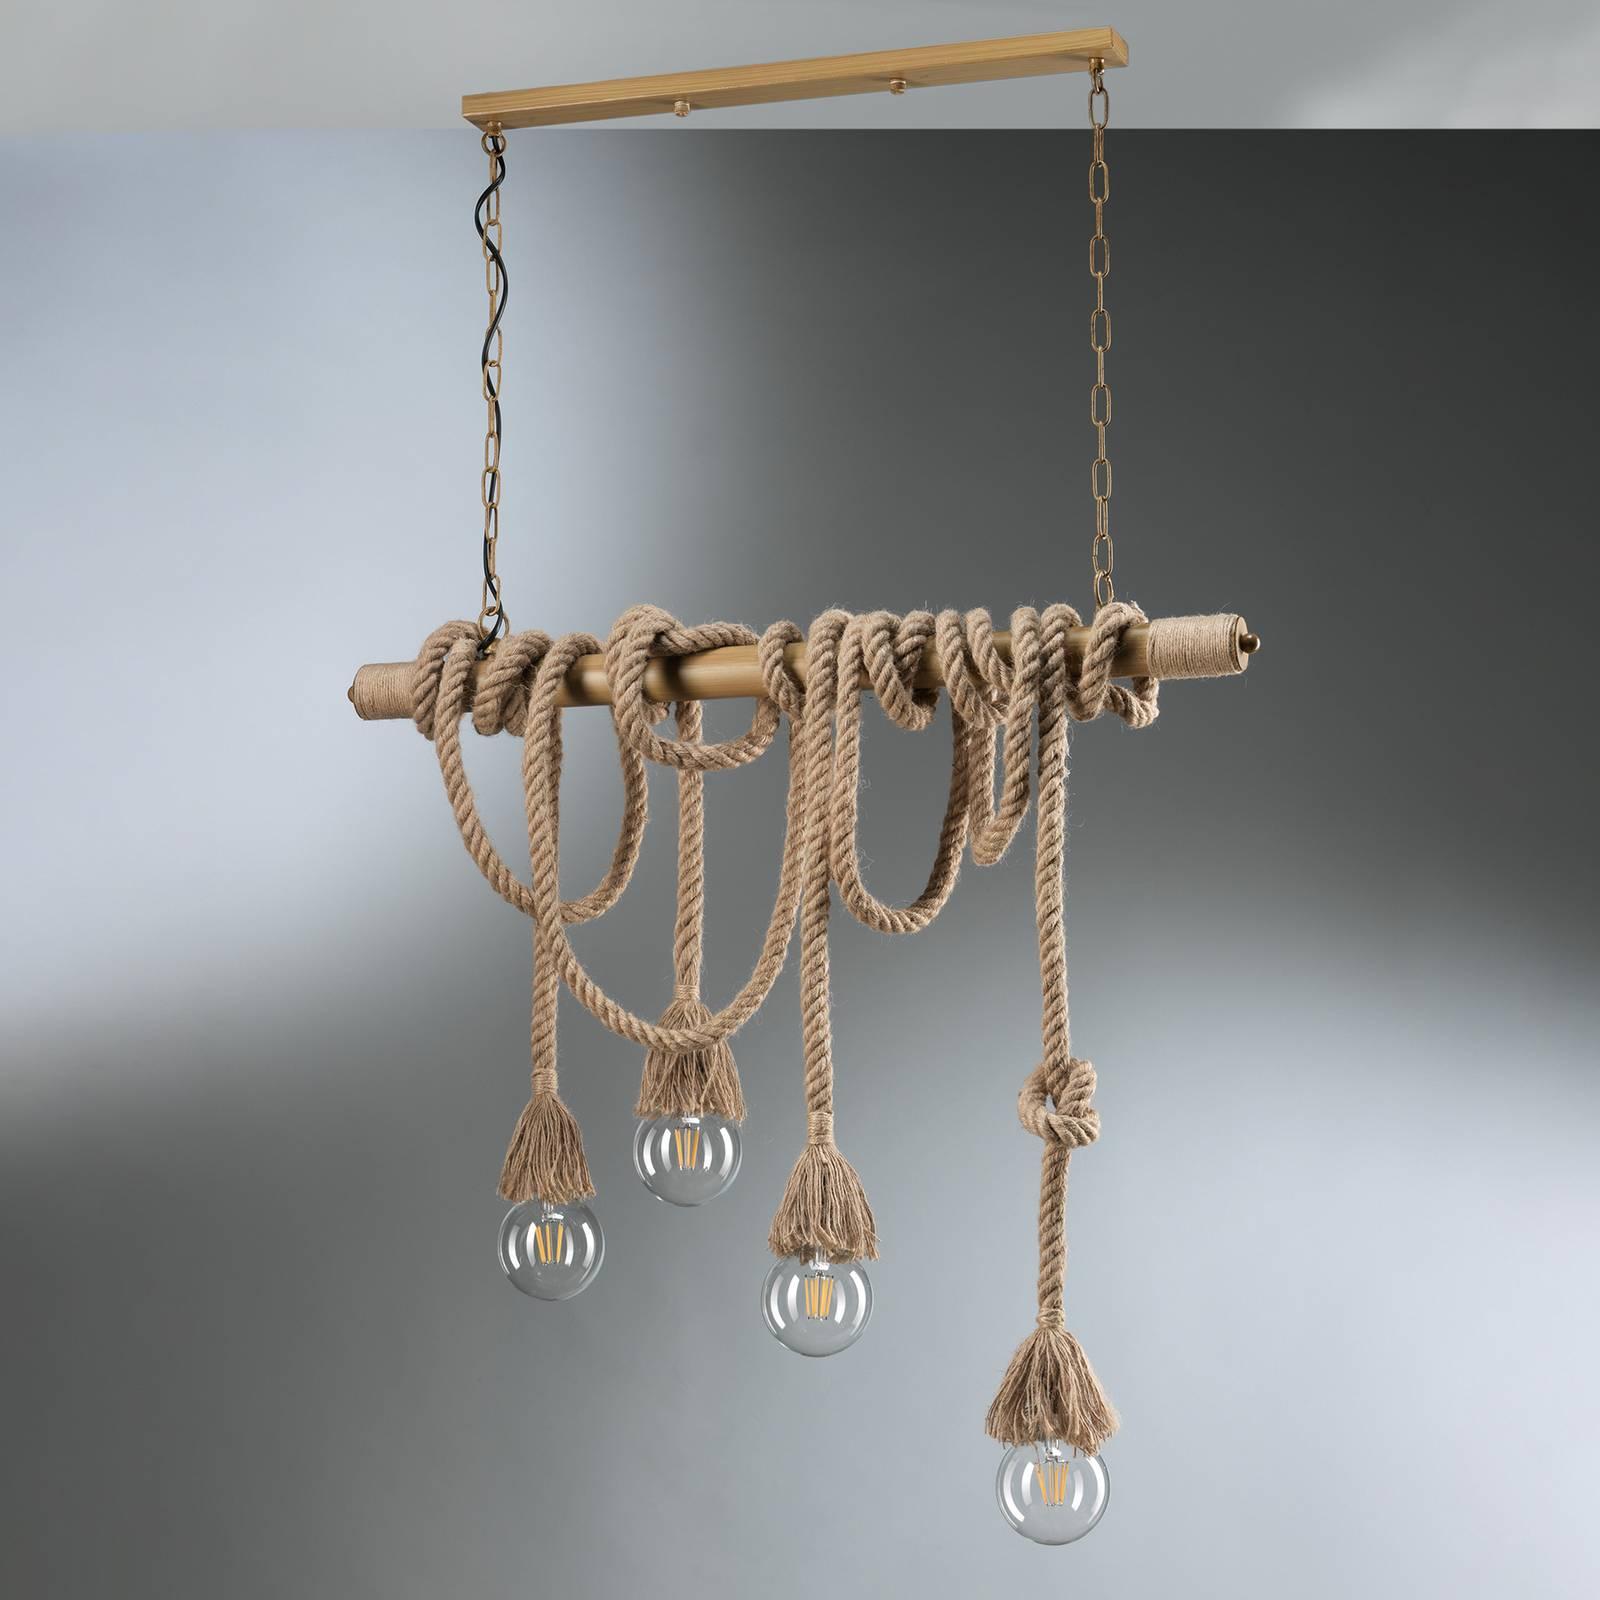 Hängeleuchte Mauli aus Holz und Seilen